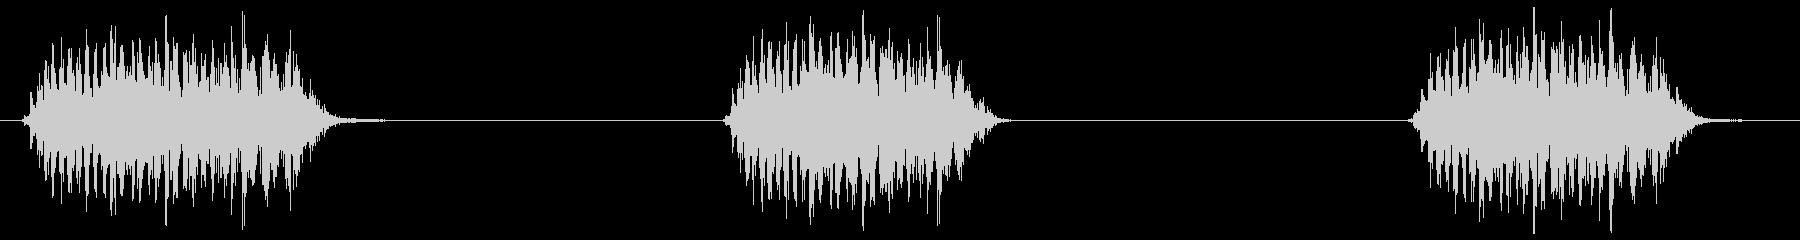 カラス (ガアーッ×3)の未再生の波形